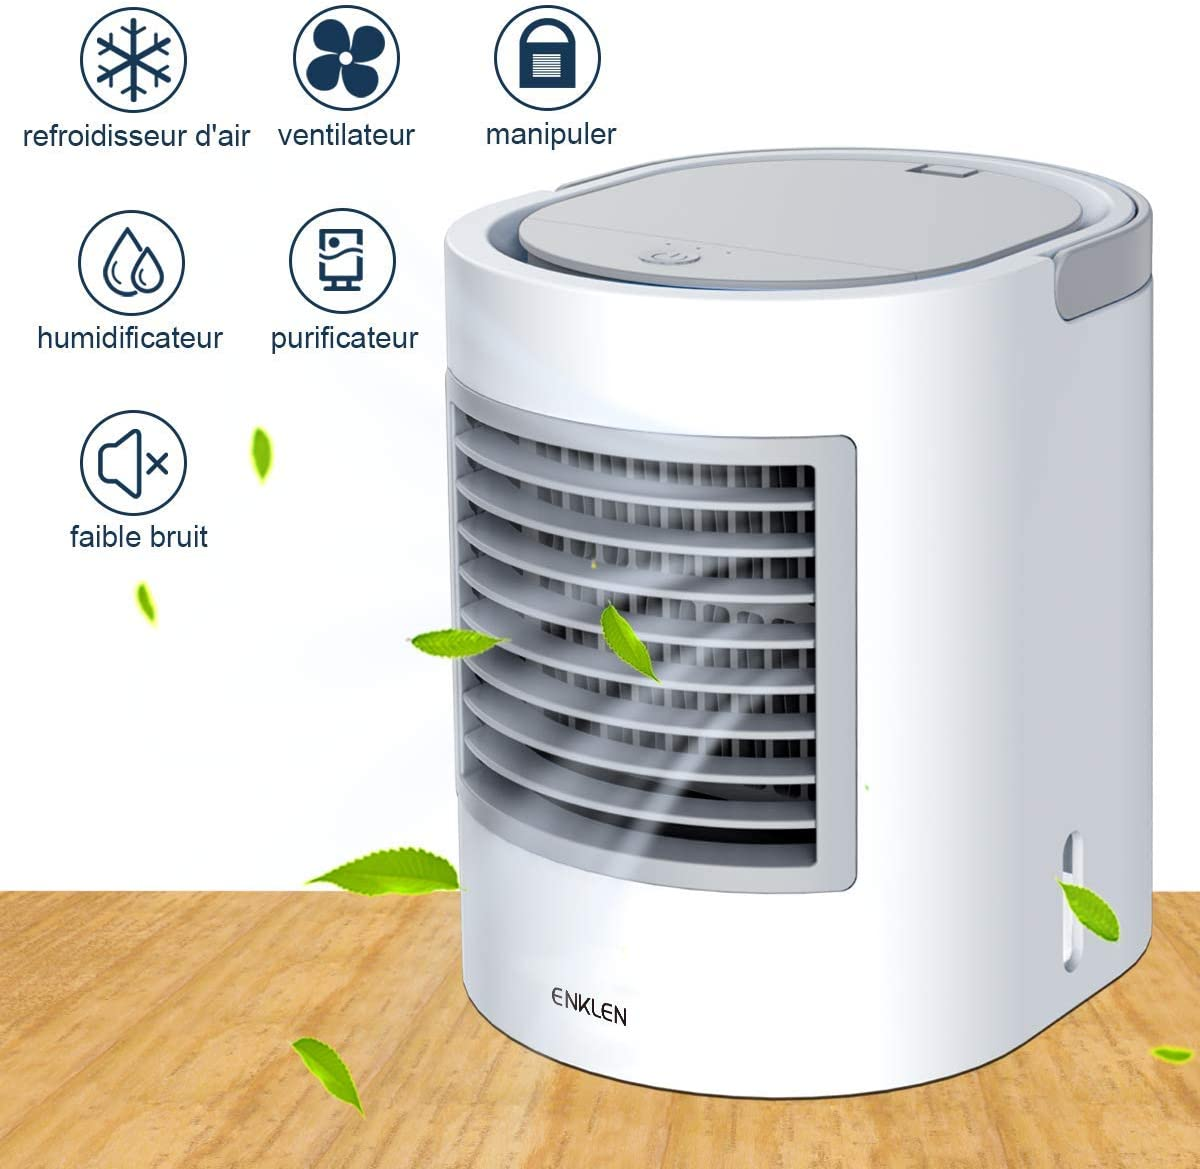 Aire acondicionado portátil, refrigerador portátil, frma fácil y ...